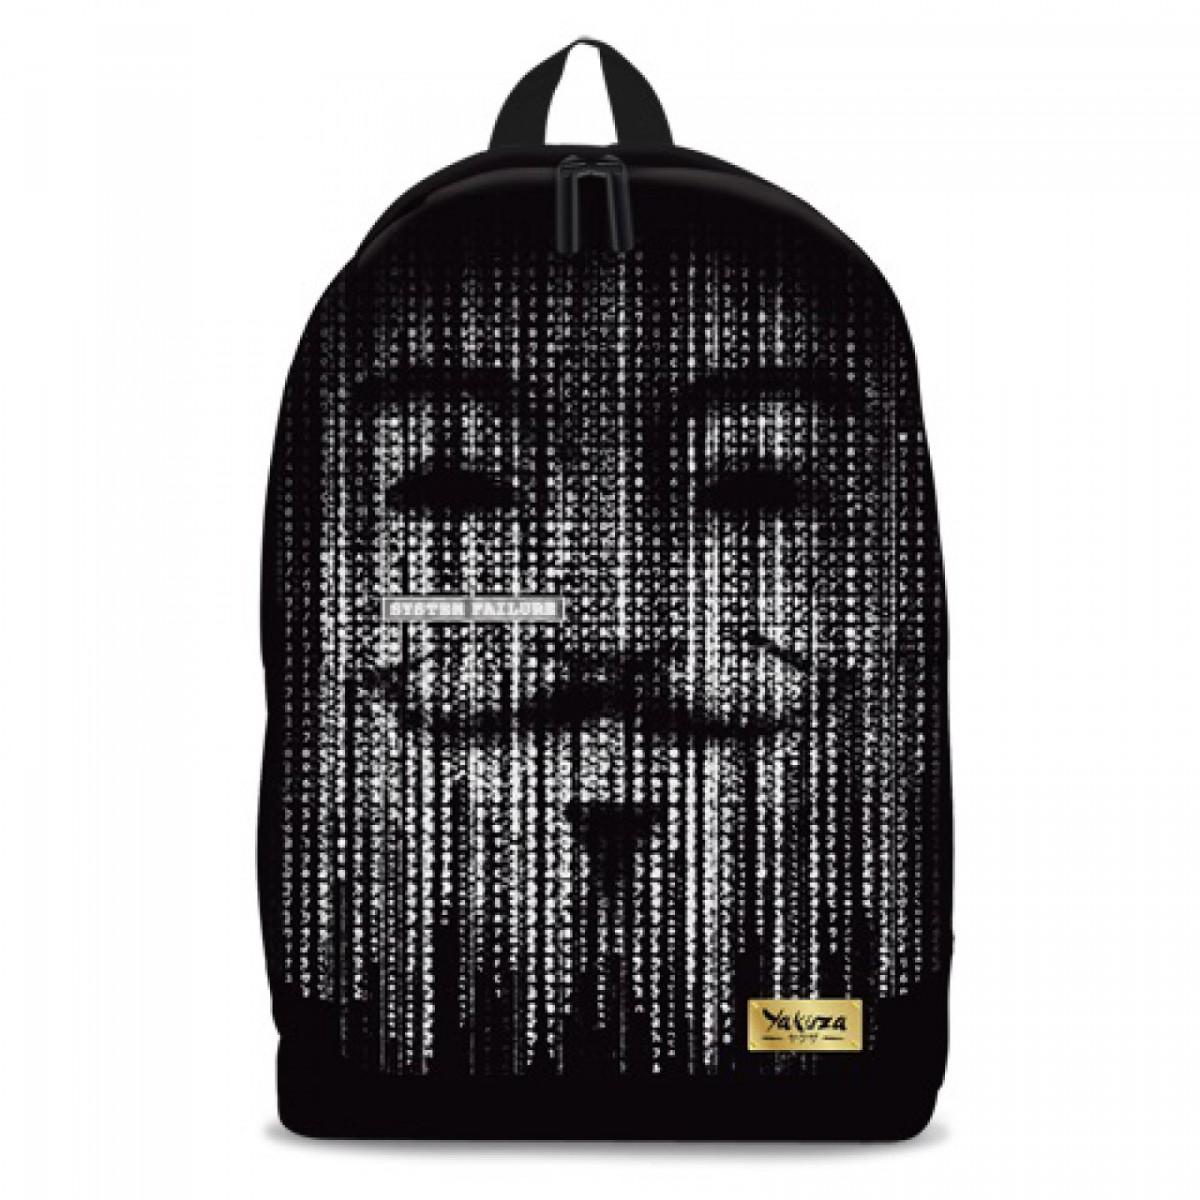 d4fc13242b38 YAKUZA anonymus hátizsák - nagy